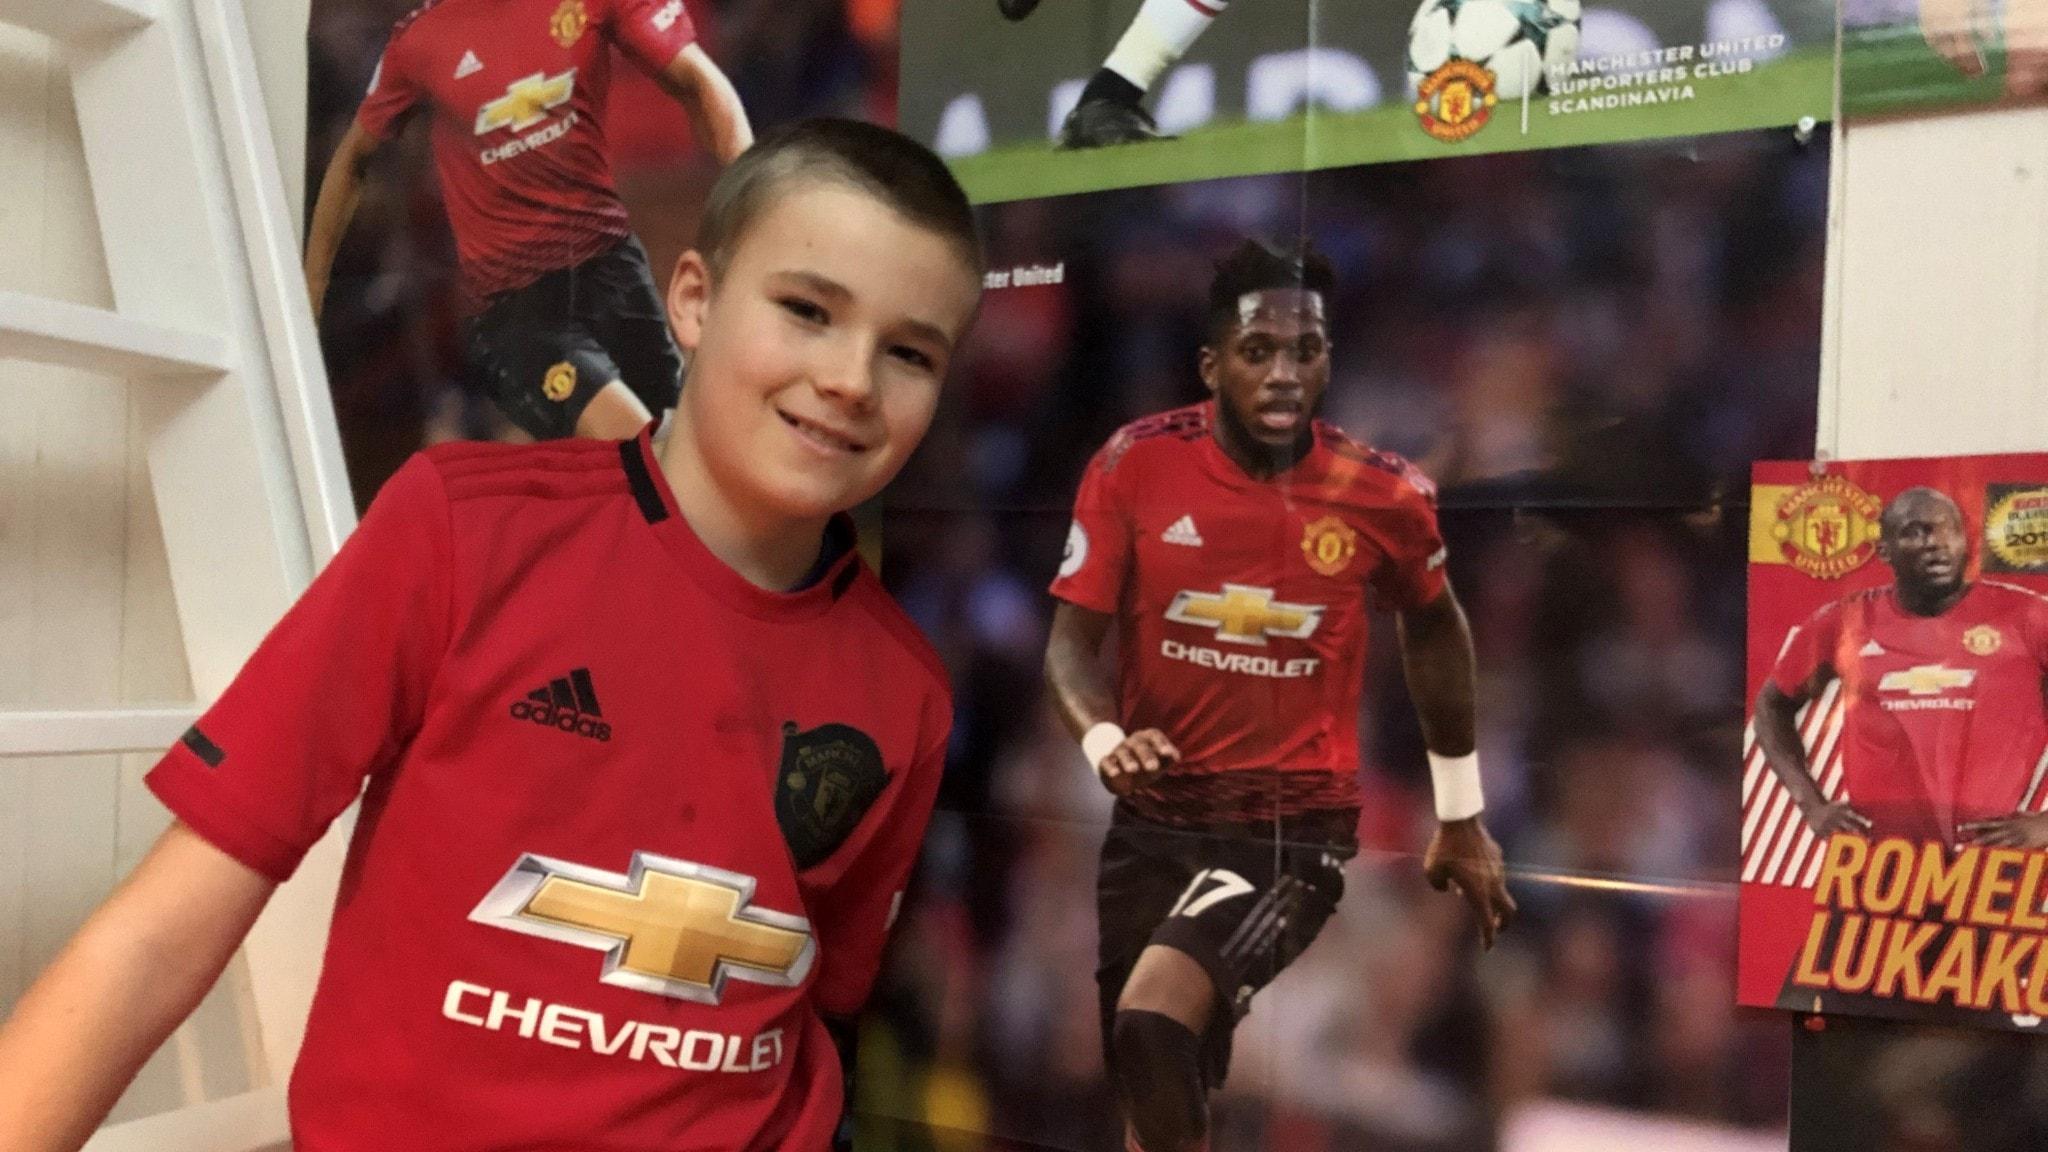 Elvaåriga Herman sa ifrån mot rasism och hyllas av spelarna  i Manchester United